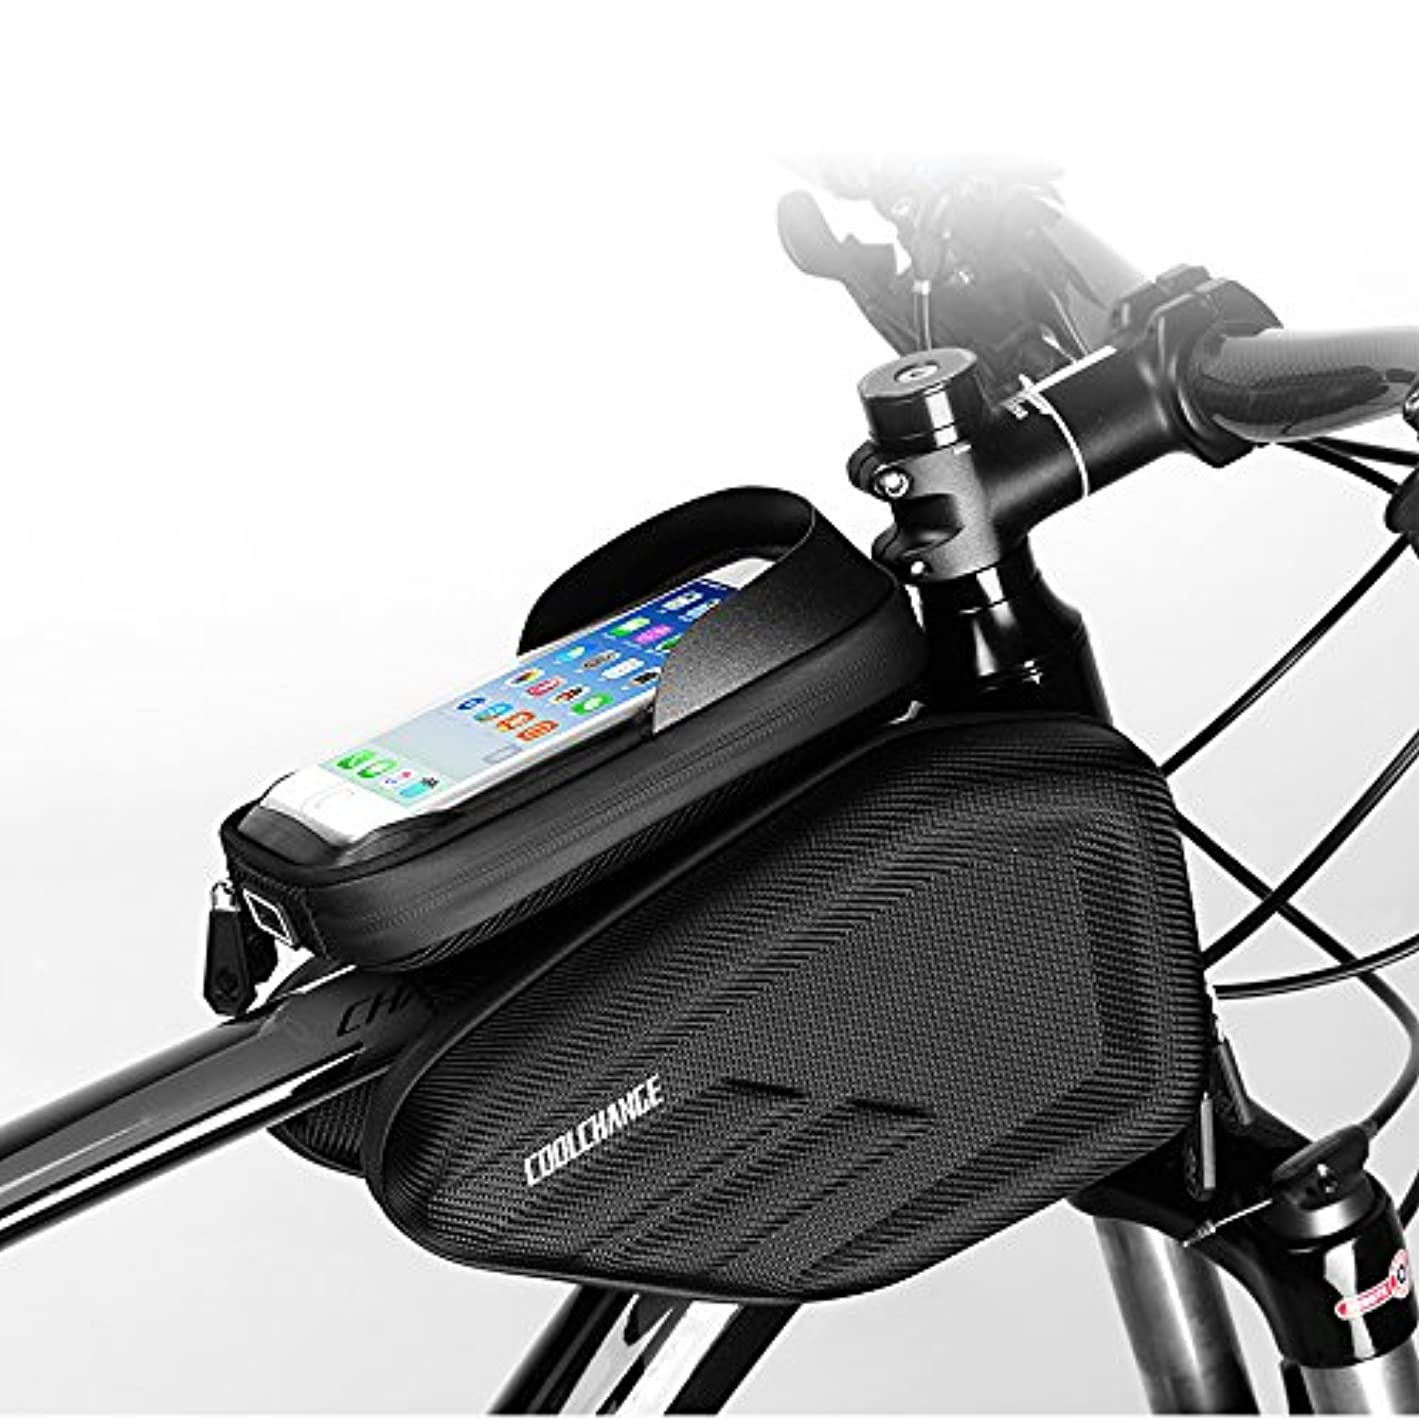 迫害する保証する残忍なSkysper 自転車 フレームバッグ Touch ID対応できる フロントバッグ 防水 6.0 インチ タッチスクリーン機能 収納アクセサリー ロードバイク携帯ホルダー